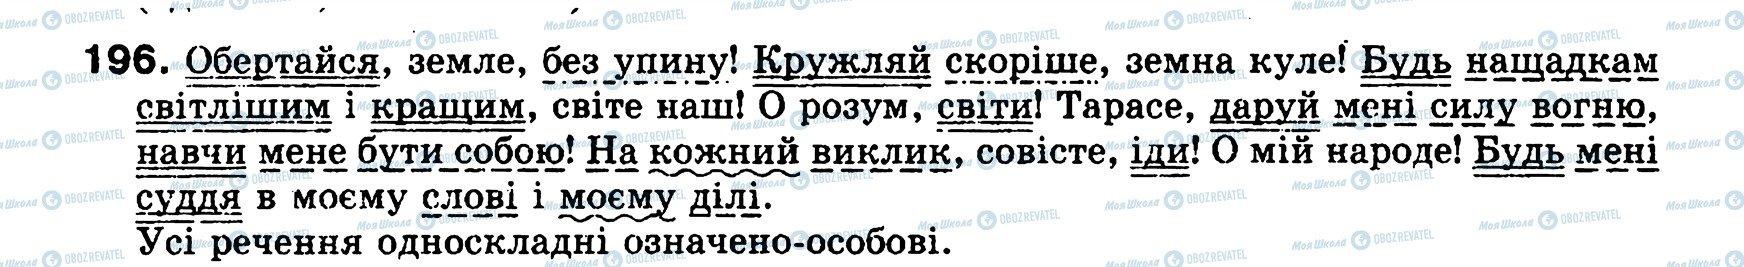 ГДЗ Українська мова 8 клас сторінка 196